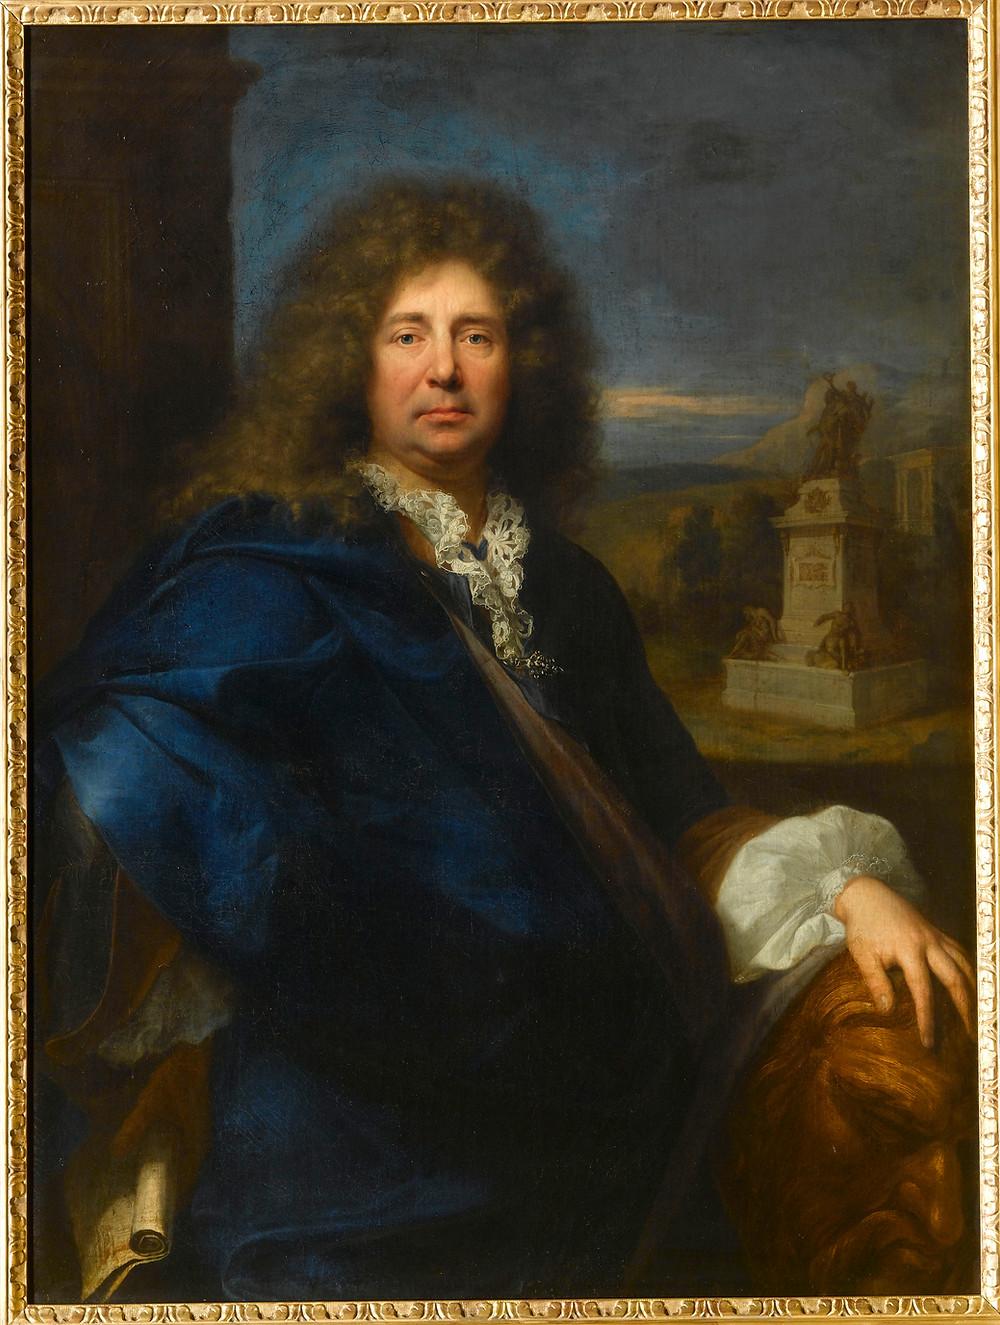 Hyacinthe Rigaud, Portrait du sculpteur Martin van den Bogaert dit Desjardins, 1683, Versailles, musée national du château et des Trianons, inv. MV 3583